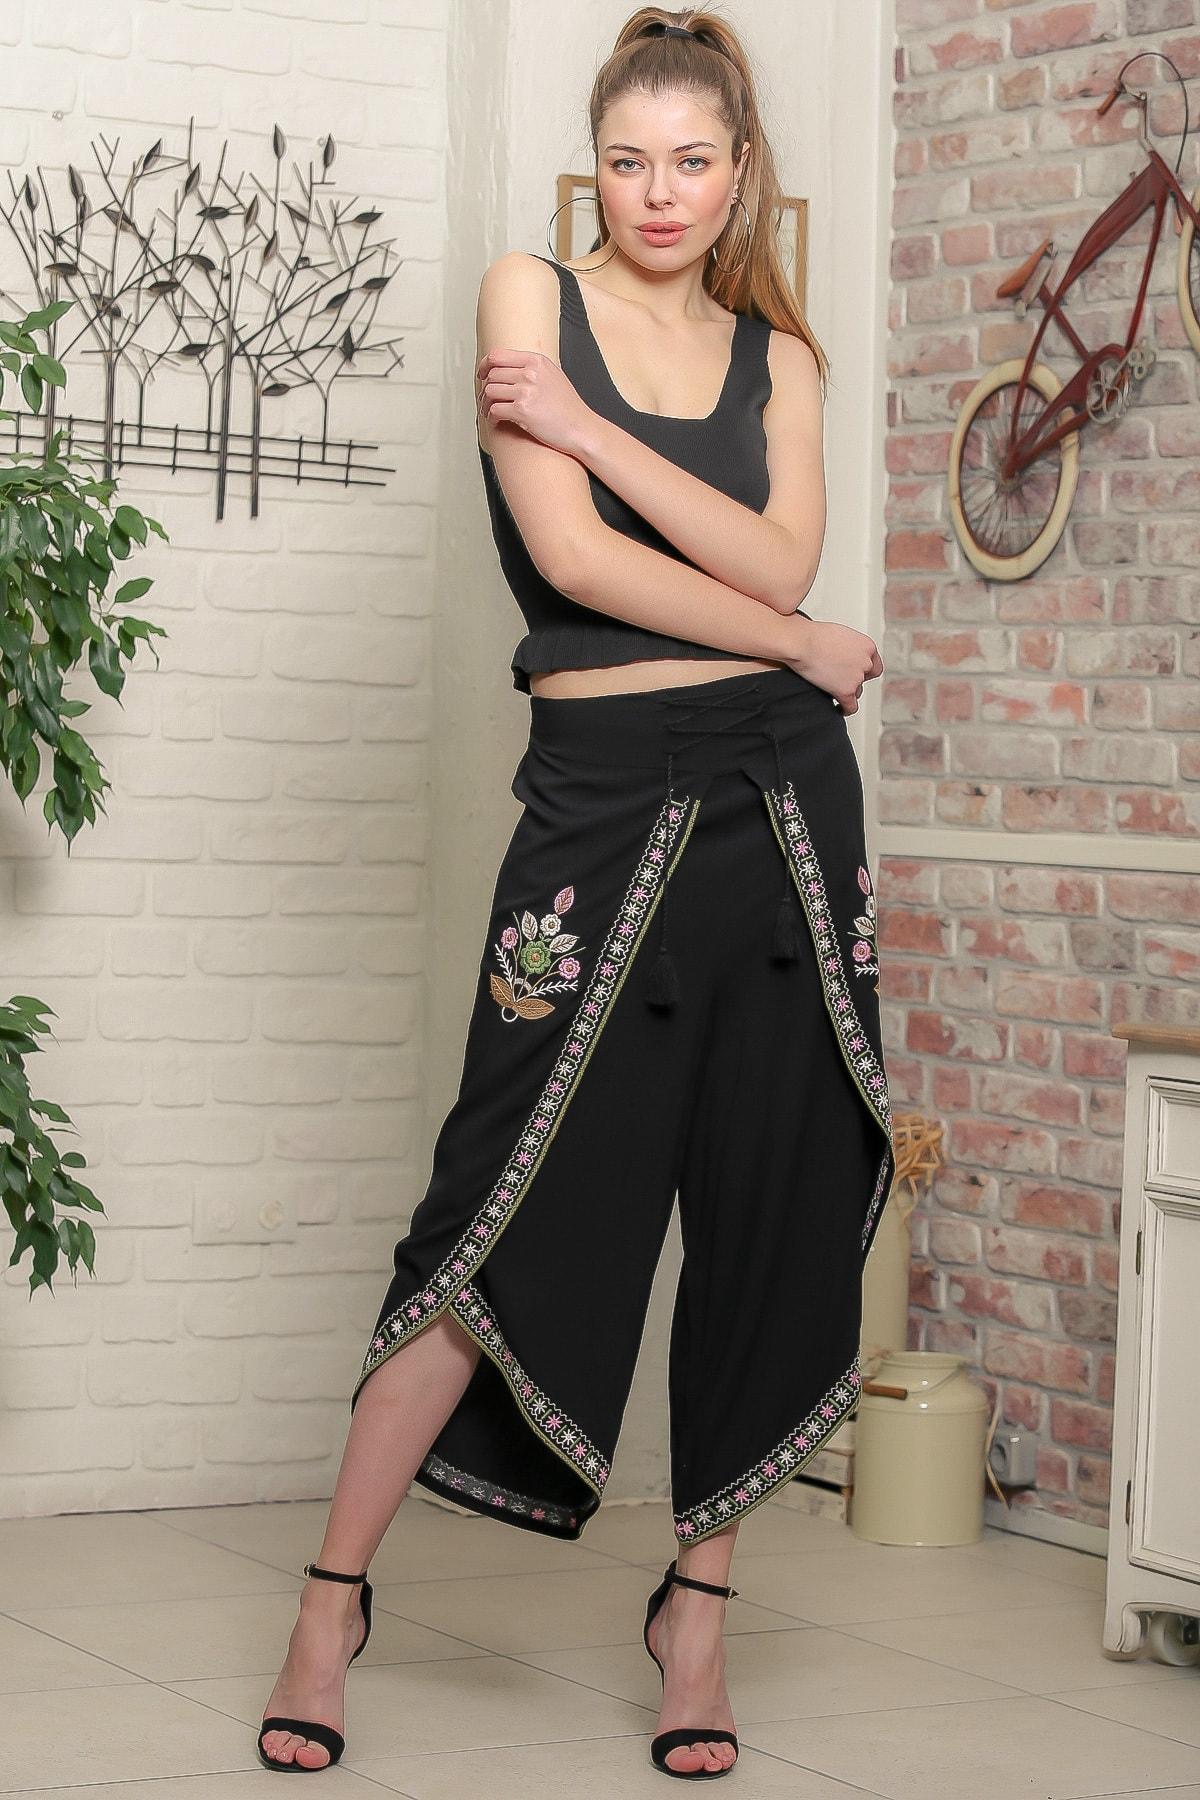 Chiccy Kadın Siyah Çiçek Nakışlı Bağlama İp Detaylı Zarf Pantolon M10060000PN98939 2